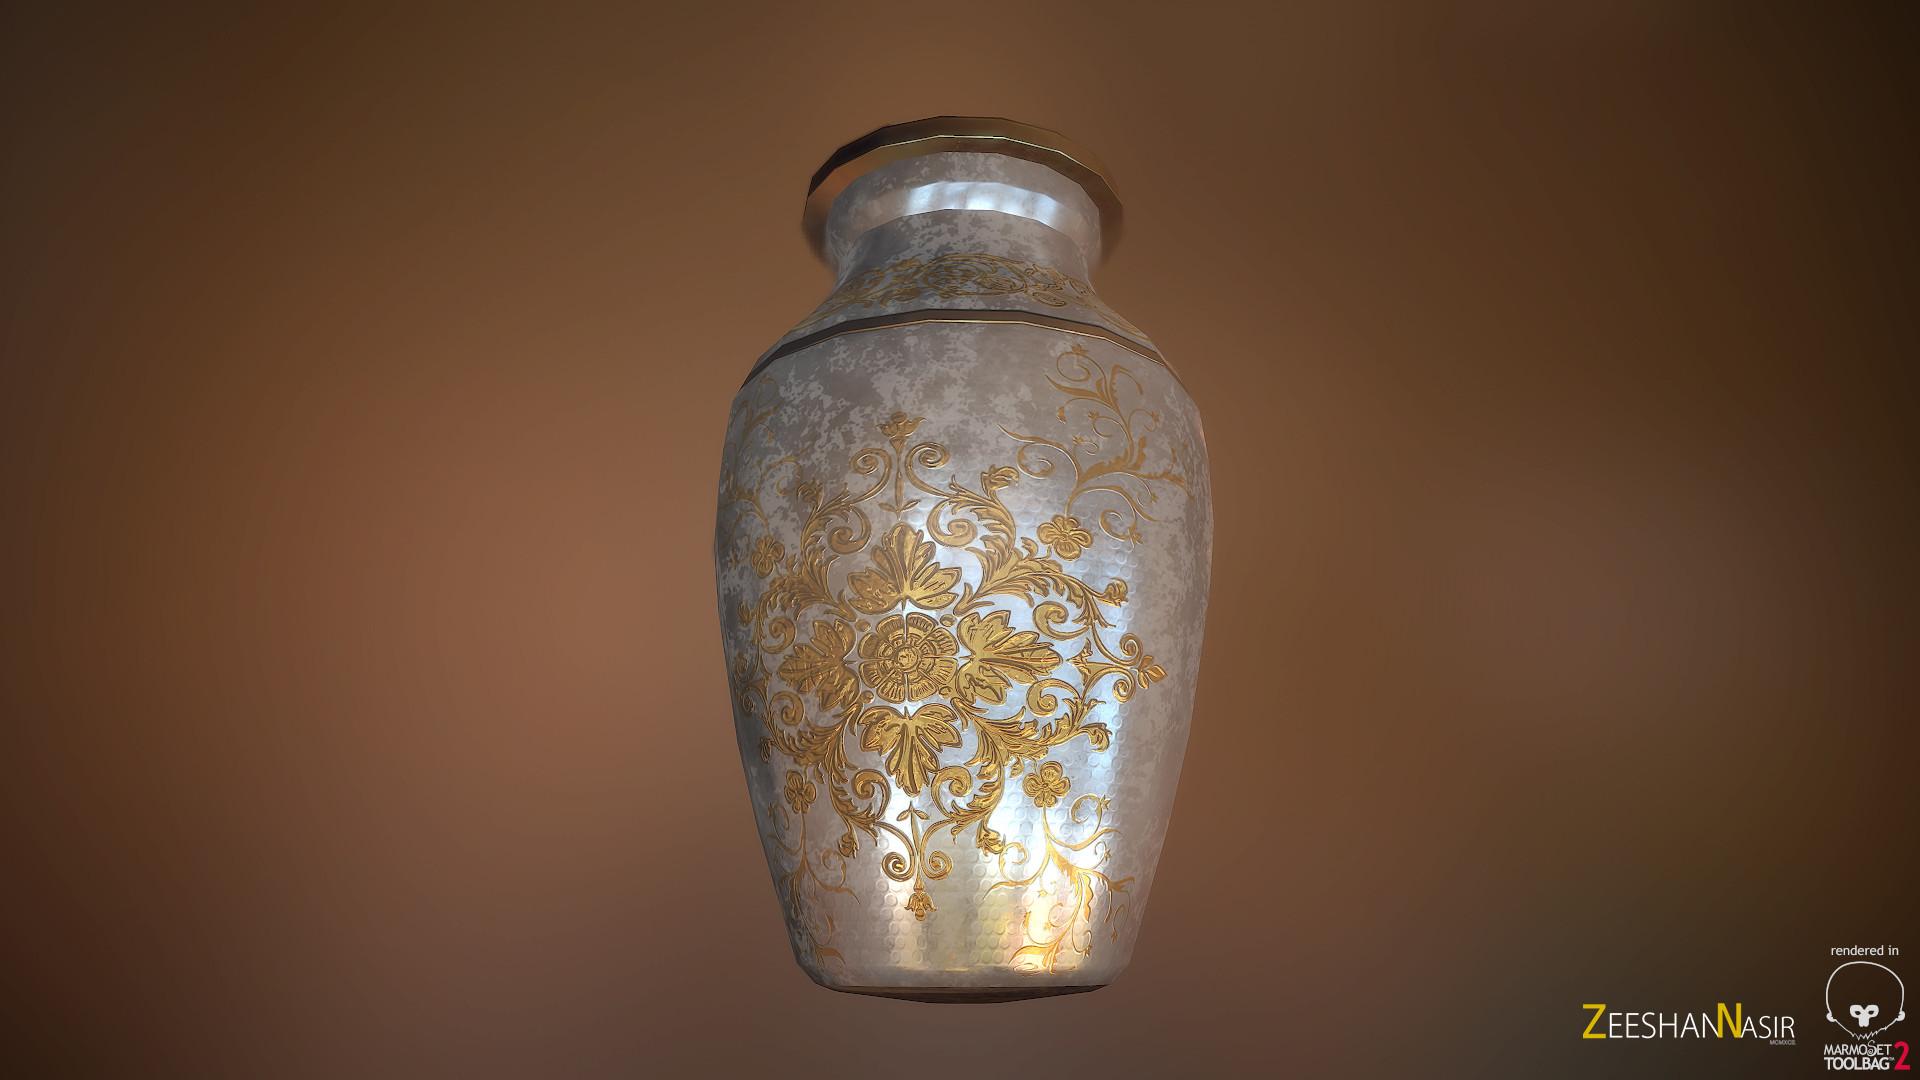 Zeeshan nasir urn 013